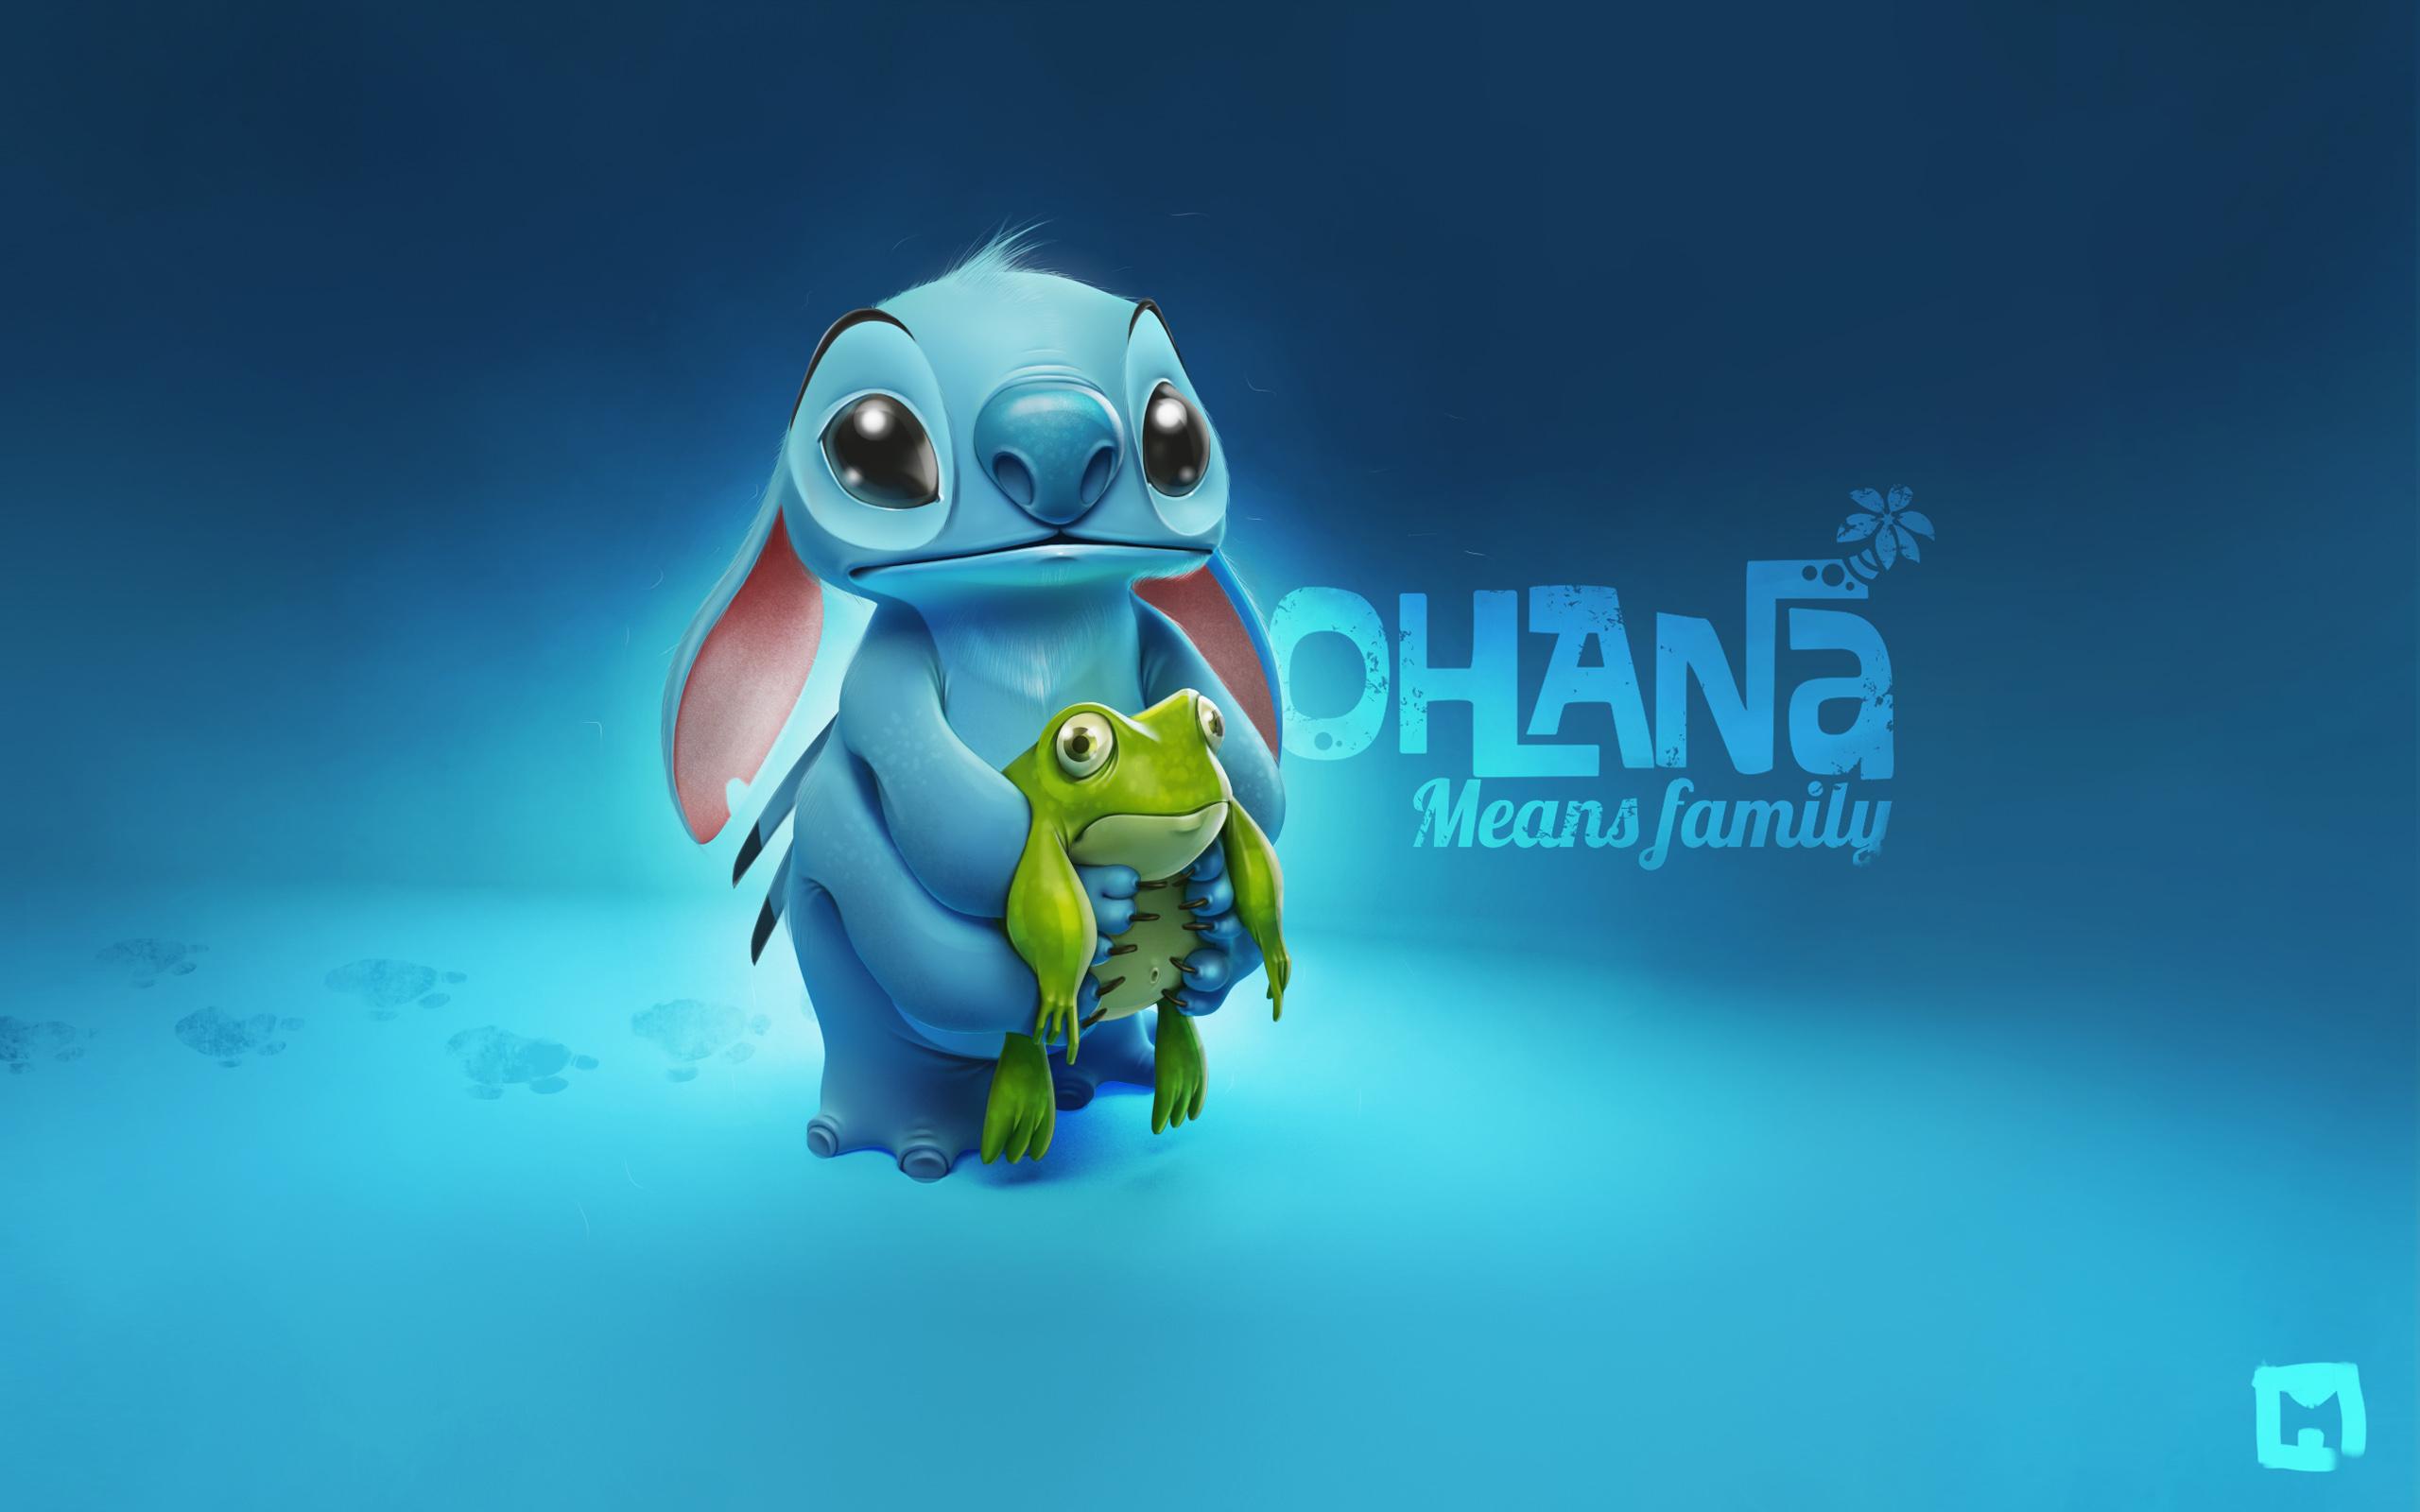 Lilo and Stitch wallpaper cute adorable creature alien Stitch blue 2560x1600